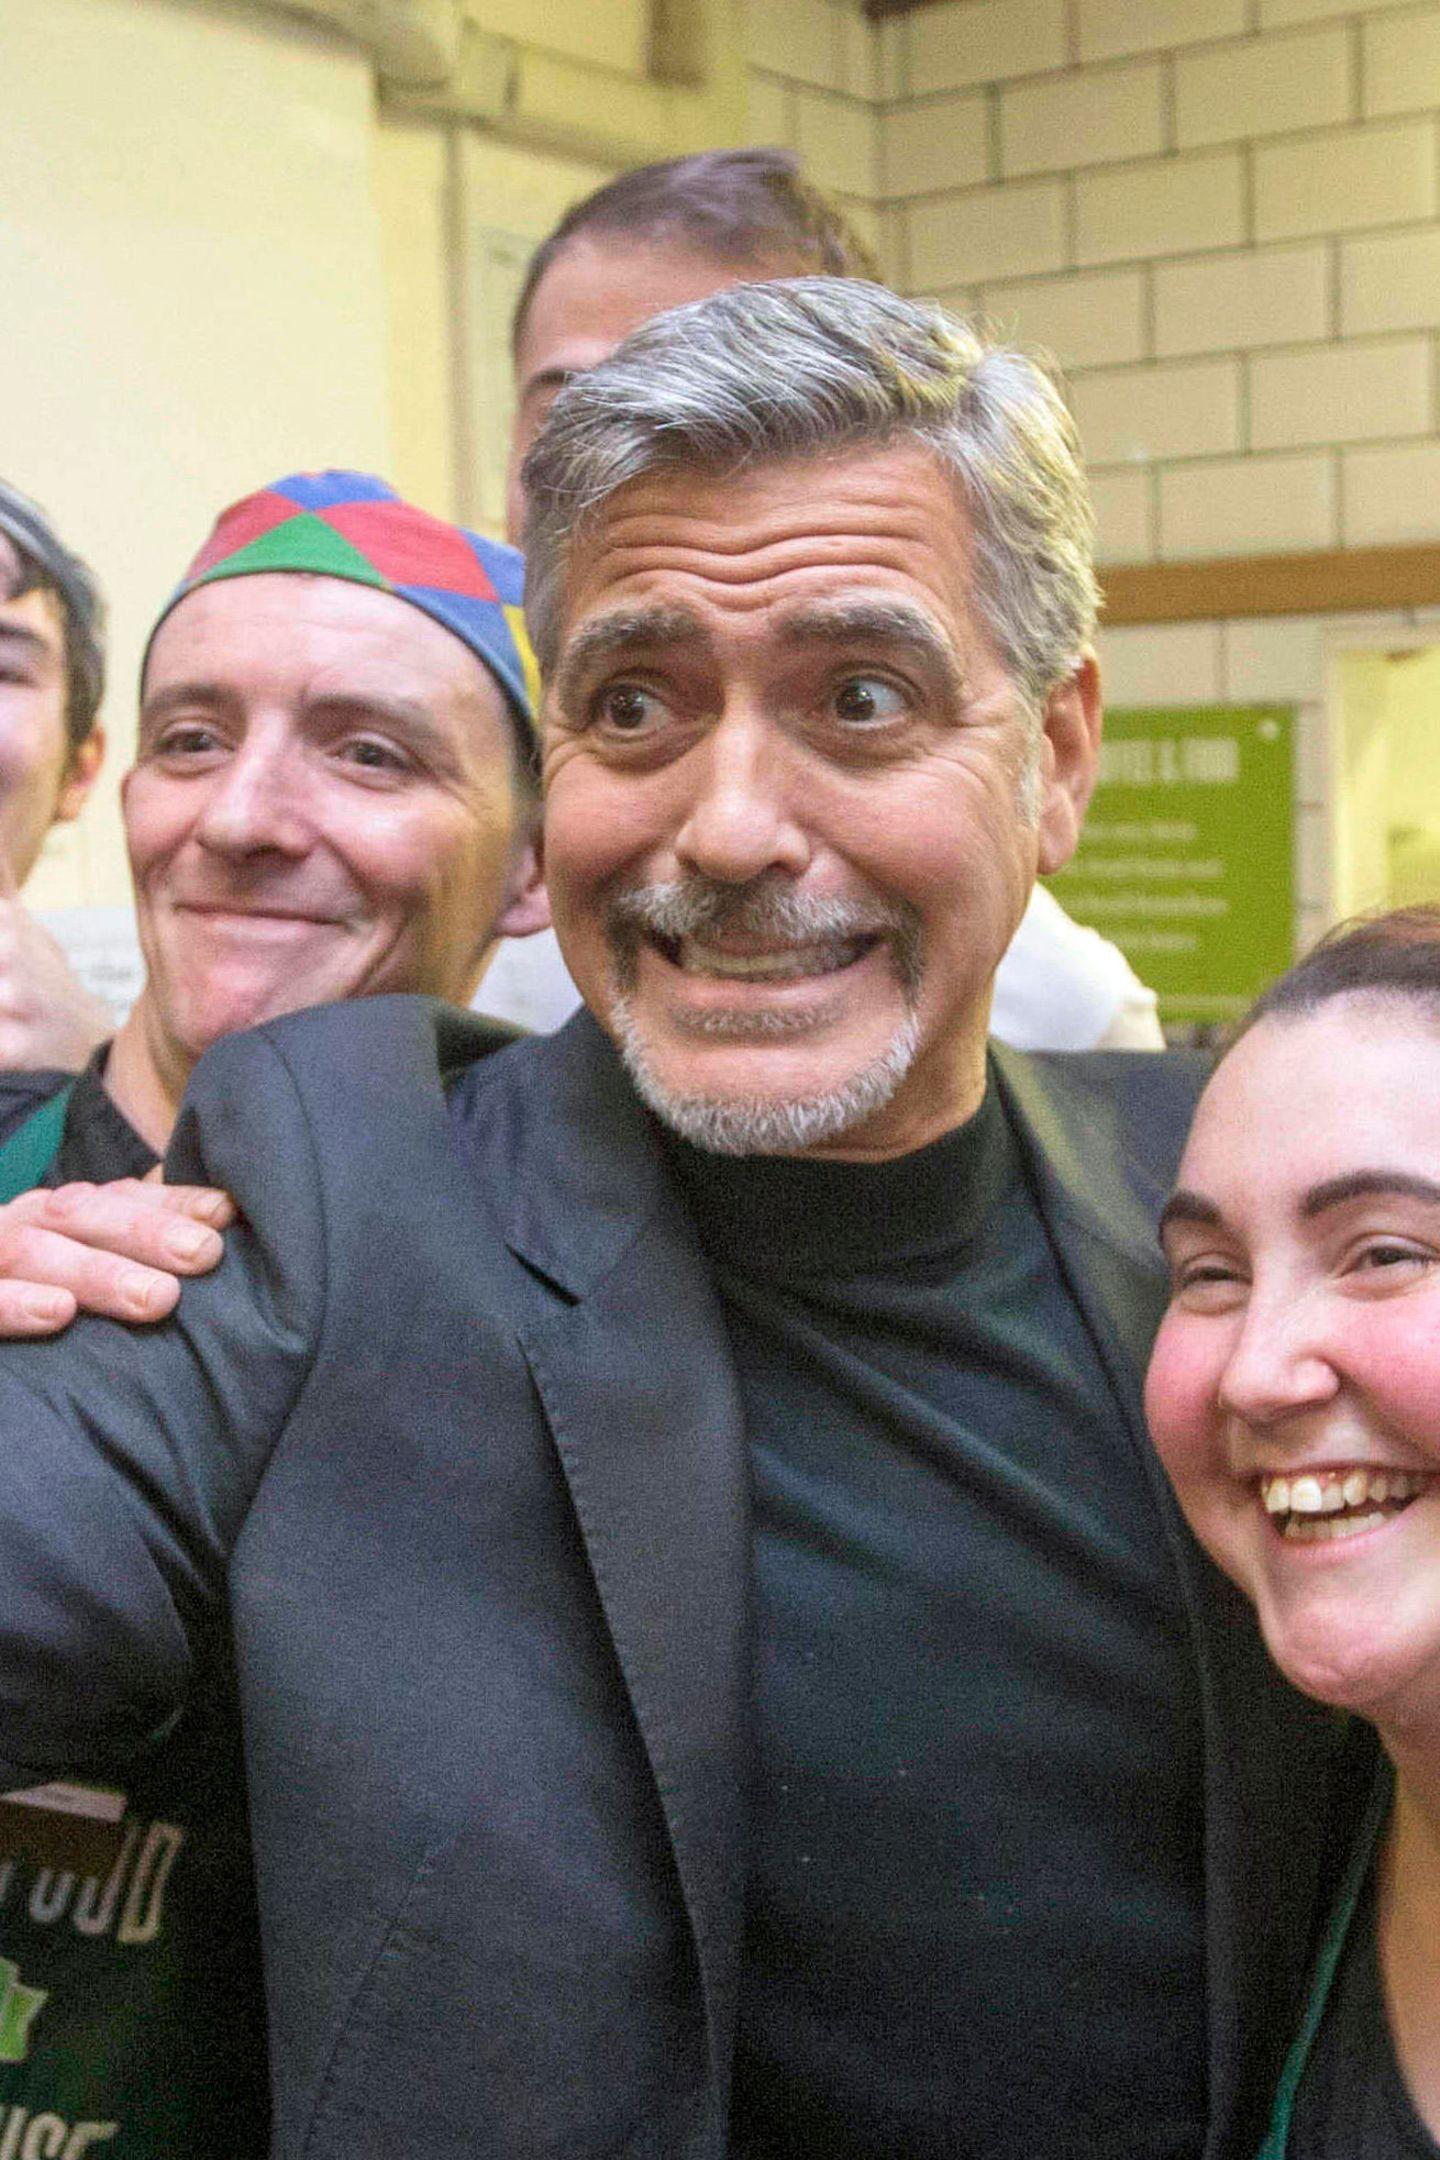 """Wer hat hier Existenzängste? Mit dieser Grimasse sorgt George Clooney im """"Social Bite"""", einem Obdachlosenheim in Edinburgh, für gute Laune. So ein Selfie hätte wohl jeder gern von ihm."""